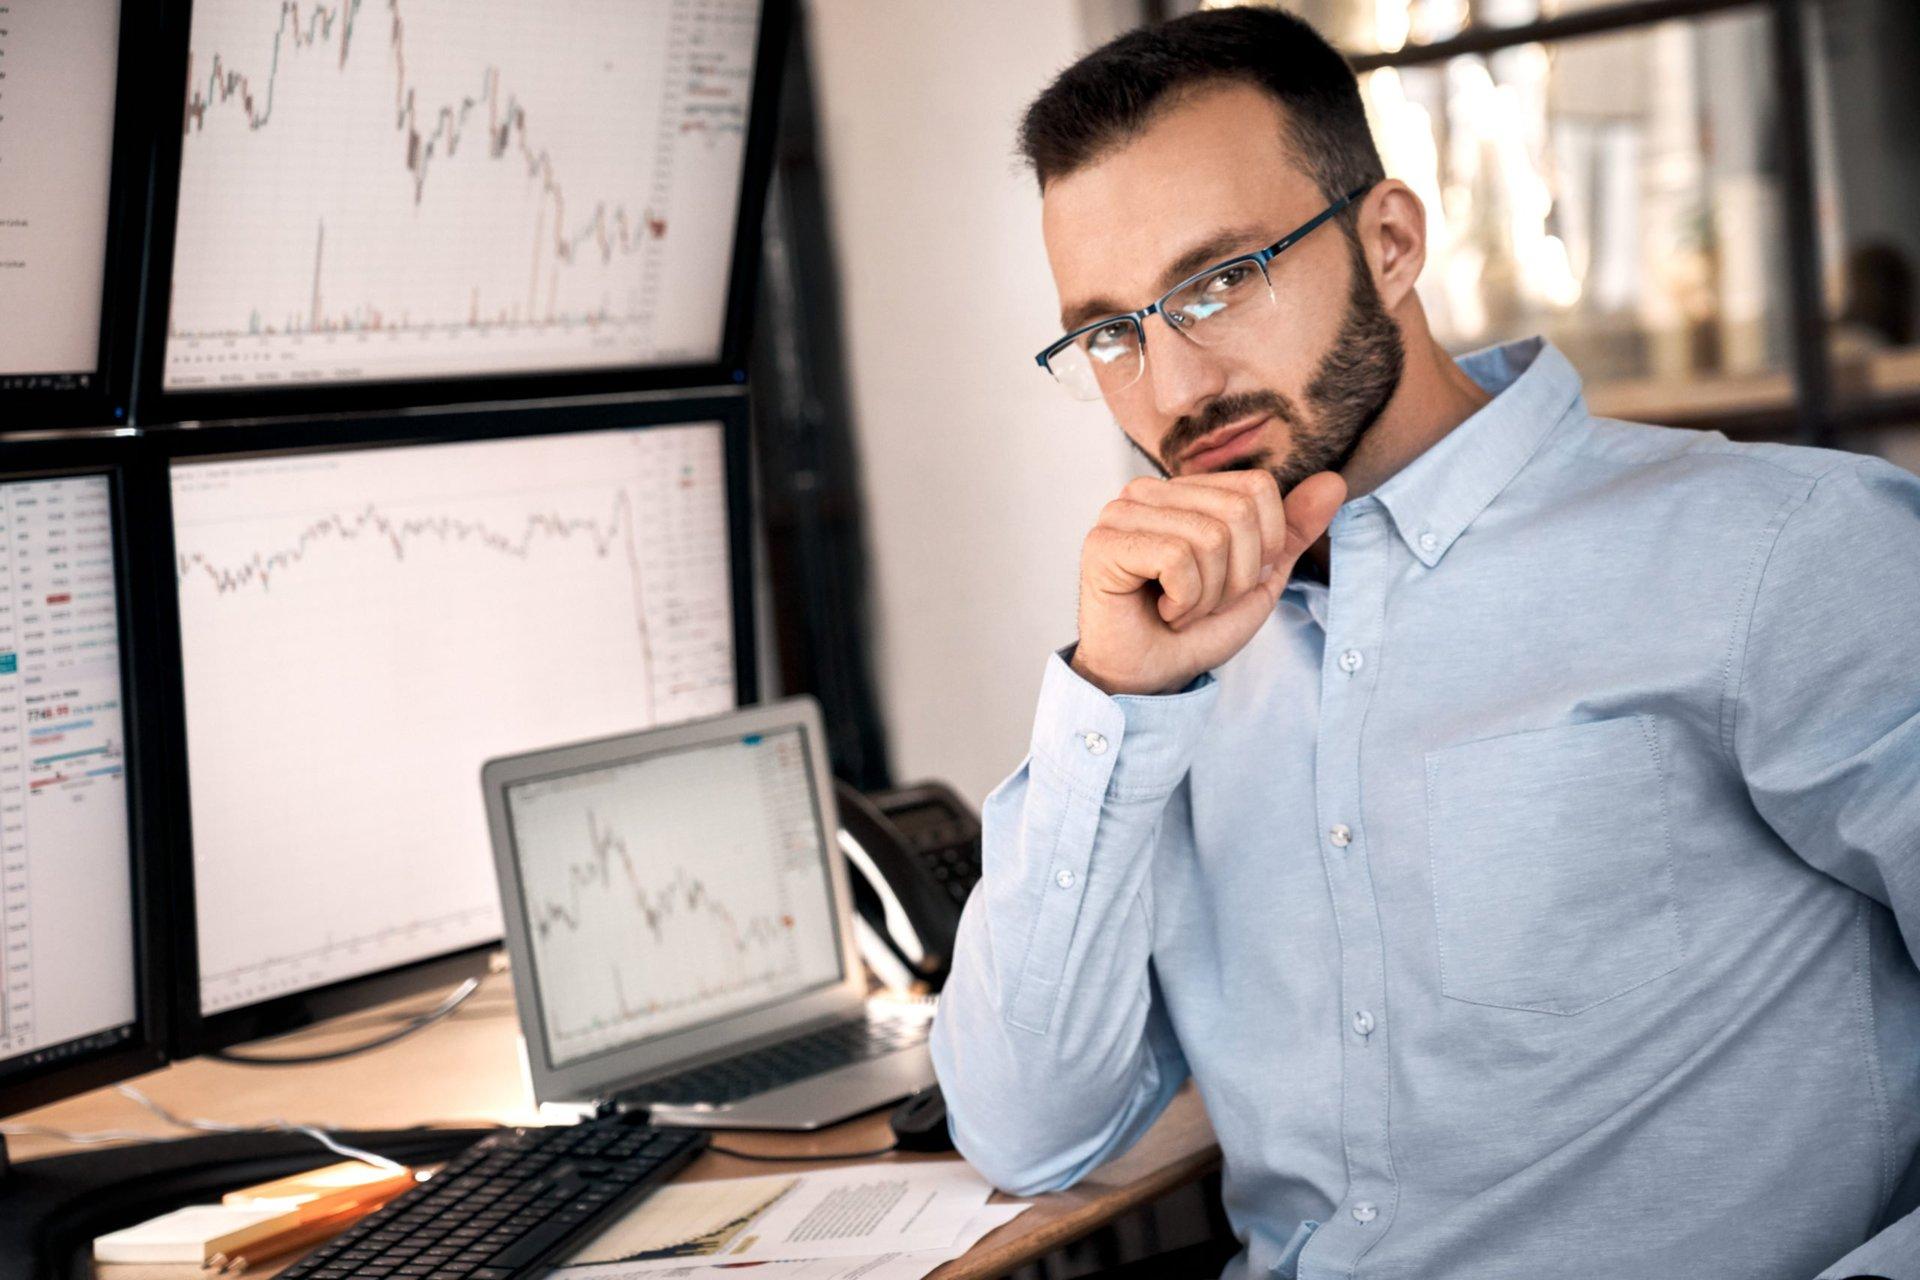 Confident investor